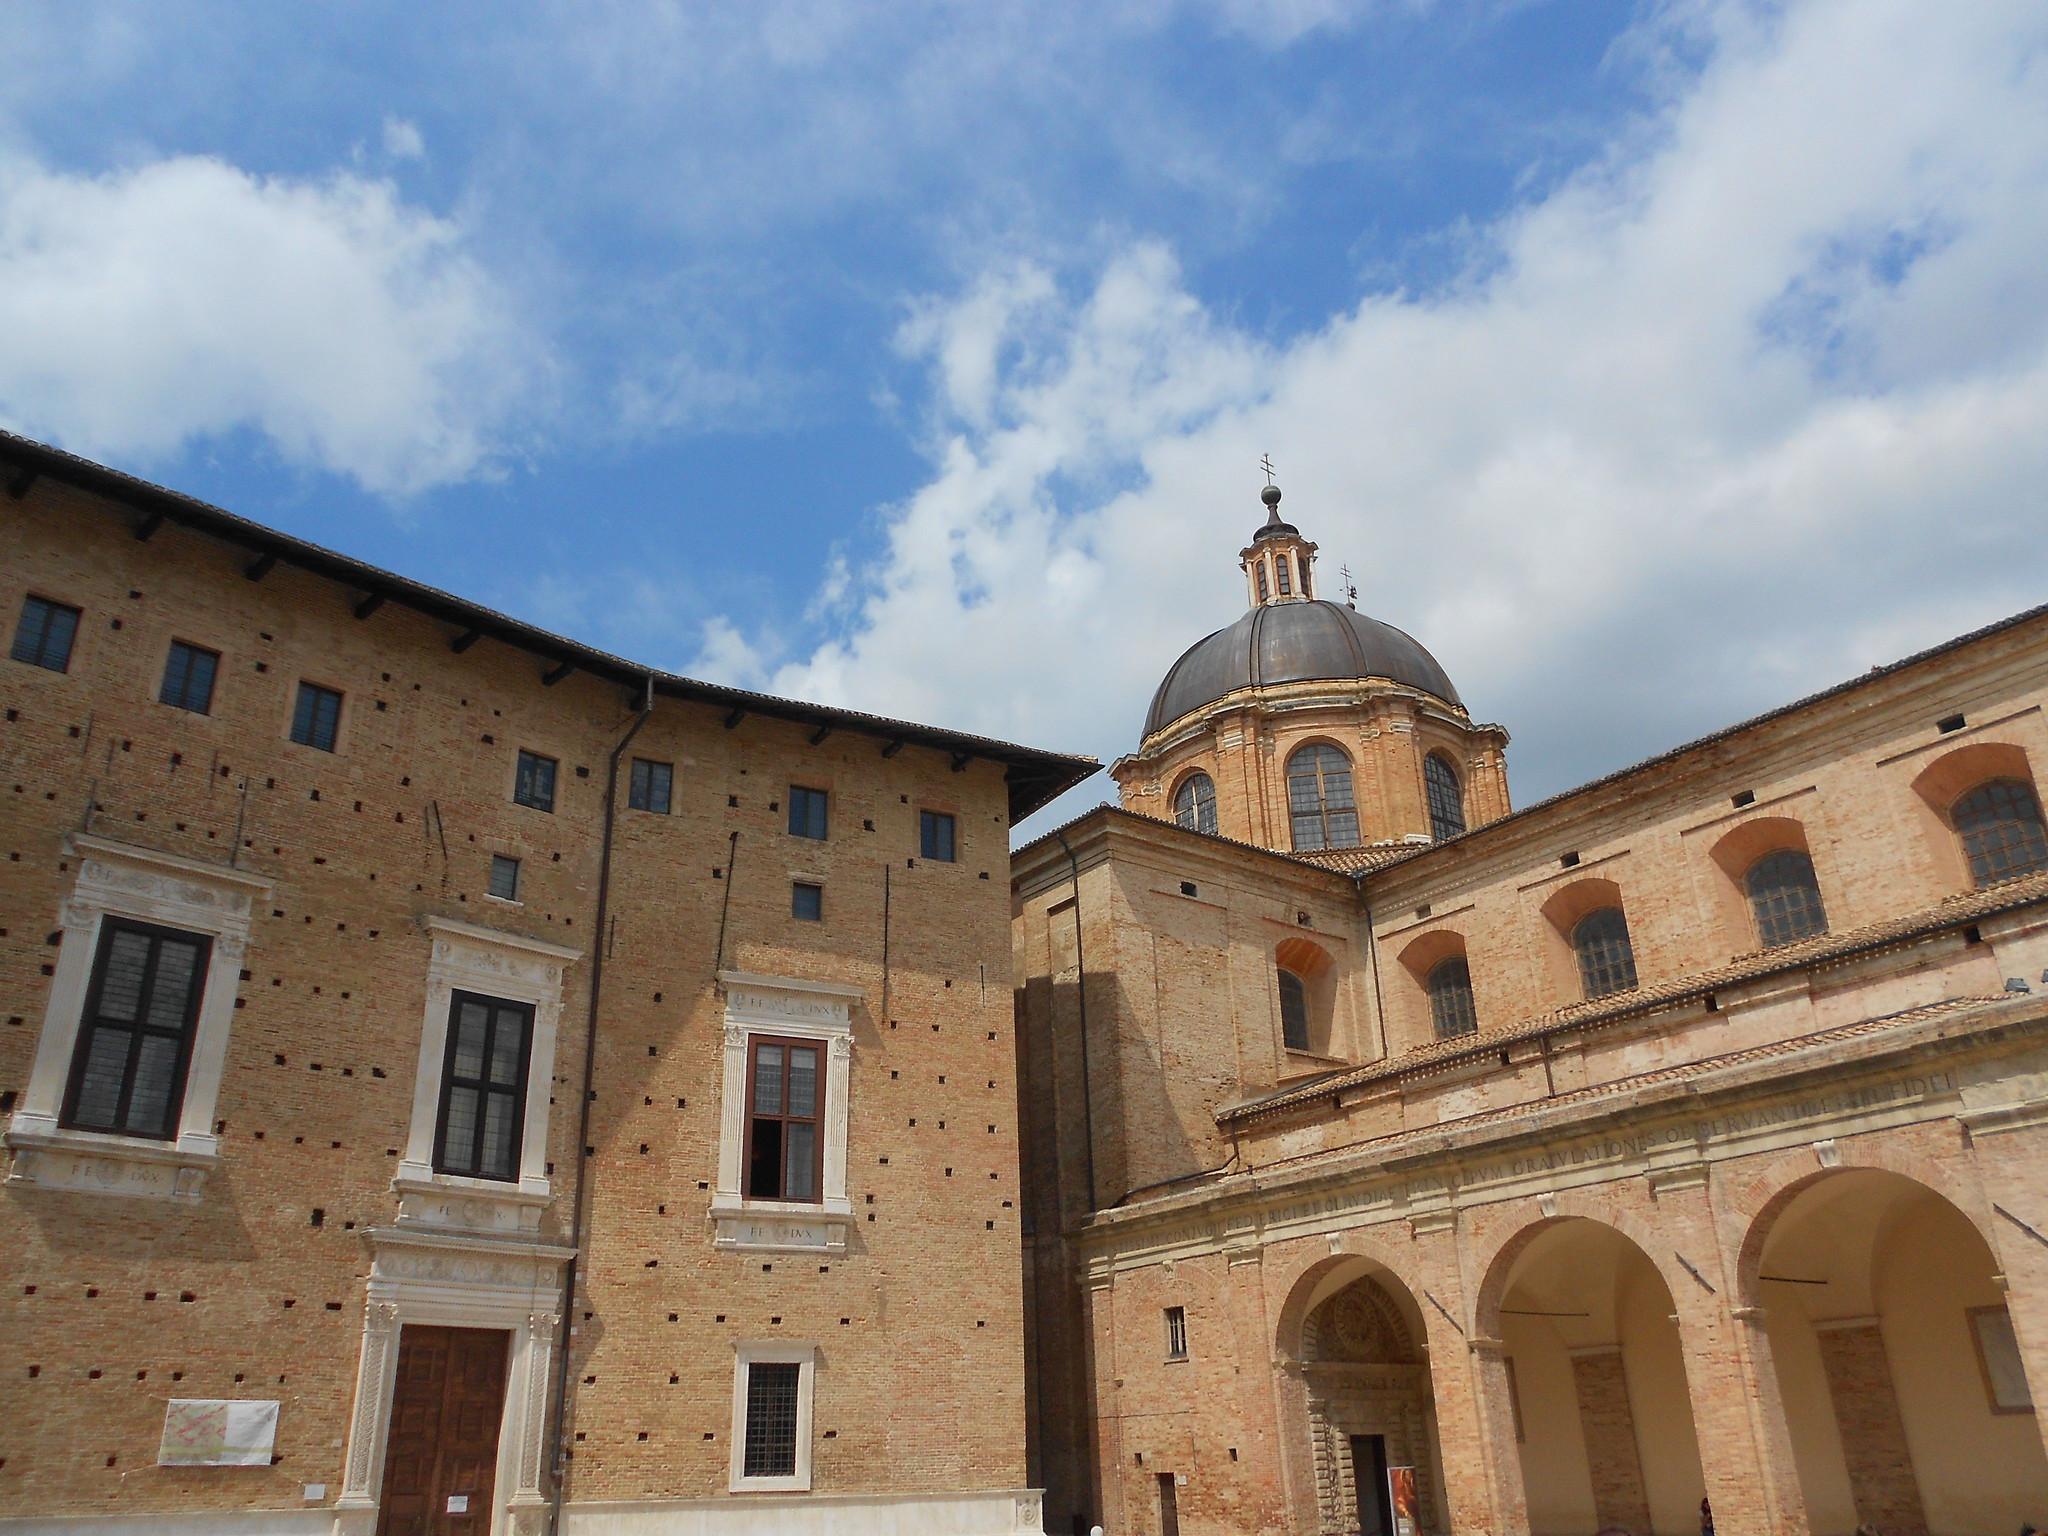 Palazzo Ducale Urbino Federico da Montefeltro